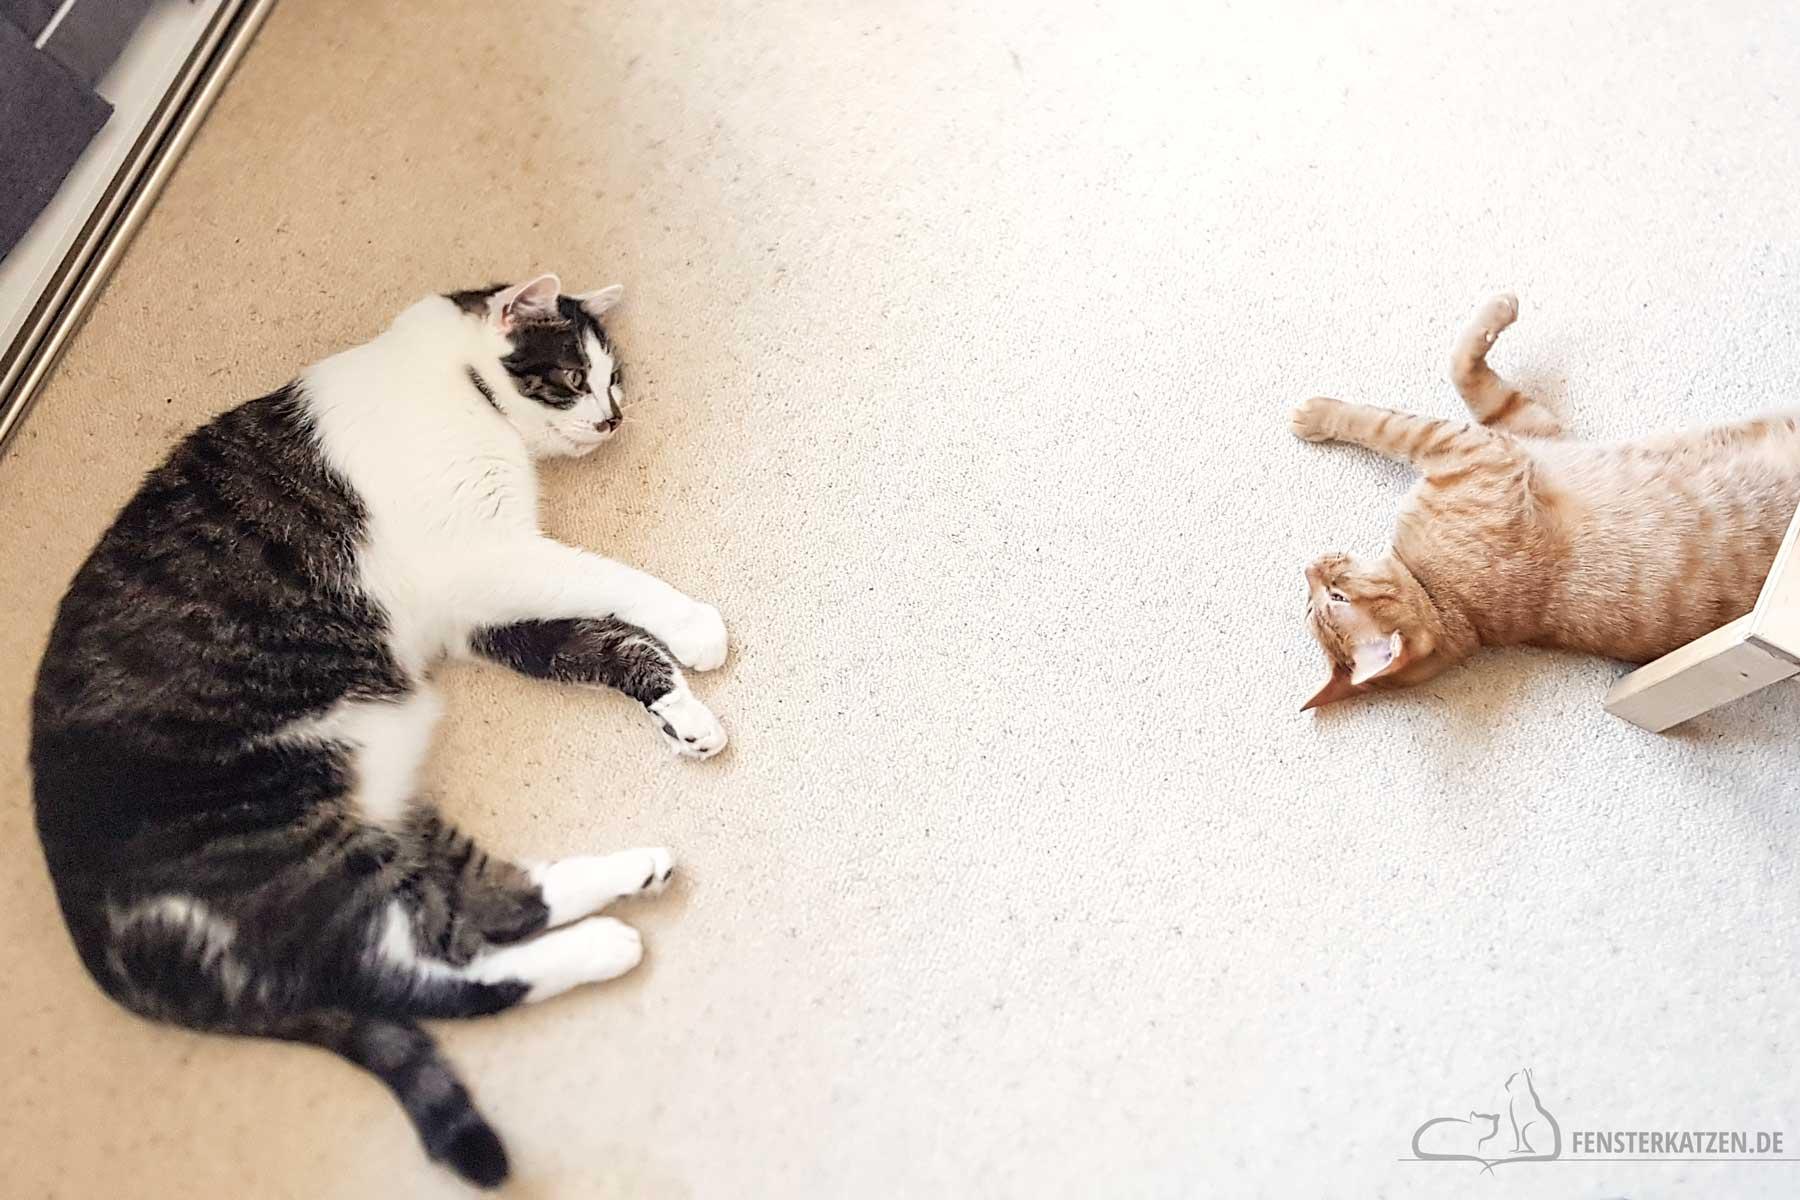 Fensterkatzen-Das-Erste-Mal-Katzen-Zusammenfuehren-Unsere-Erfahrungen-Luke-Flash